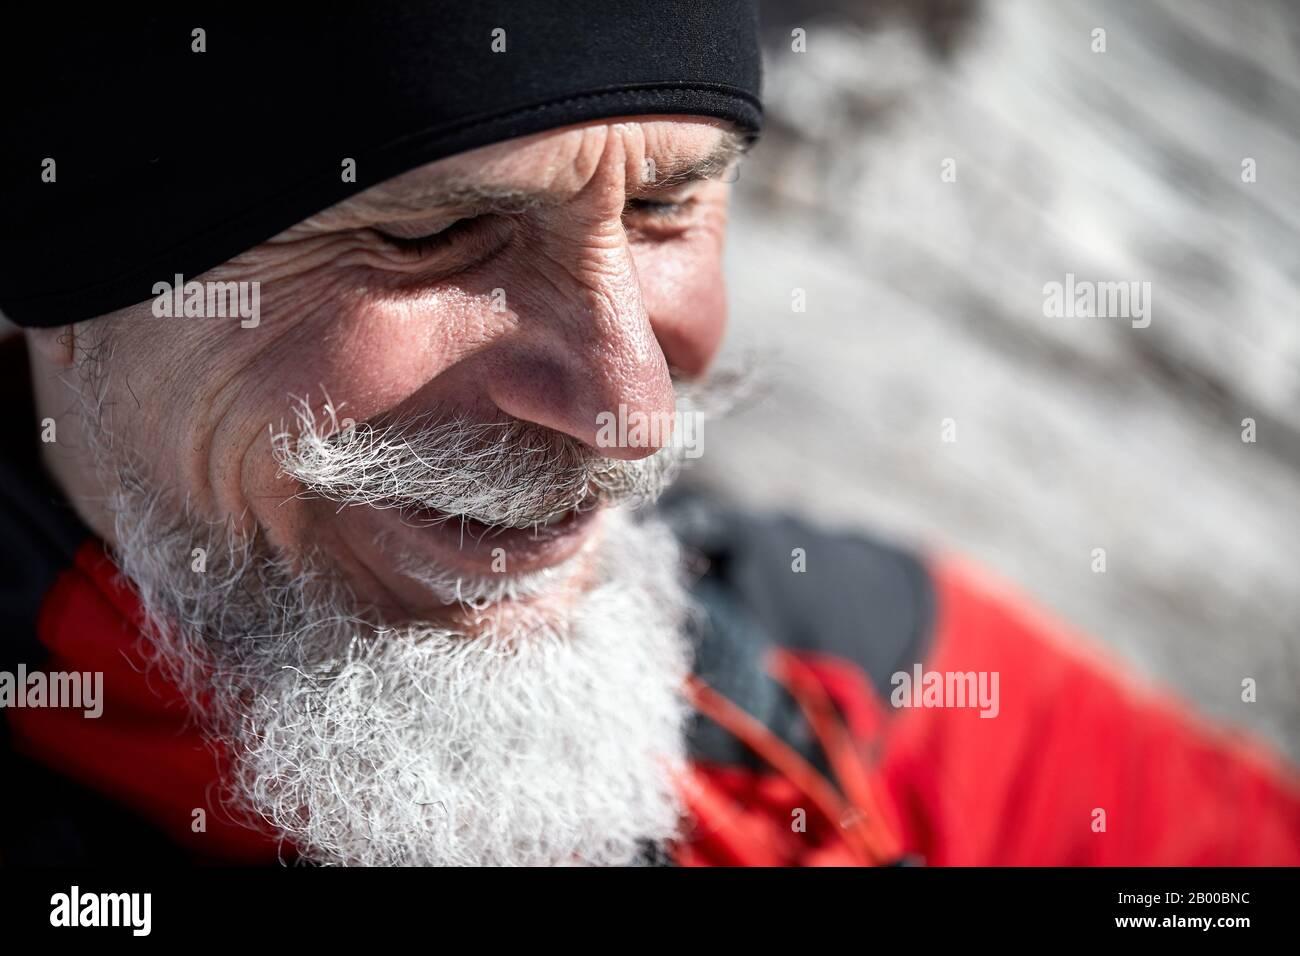 Portrait d'un homme de coureur âgé avec barbe grise souriant sur fond de montagne d'hiver Banque D'Images